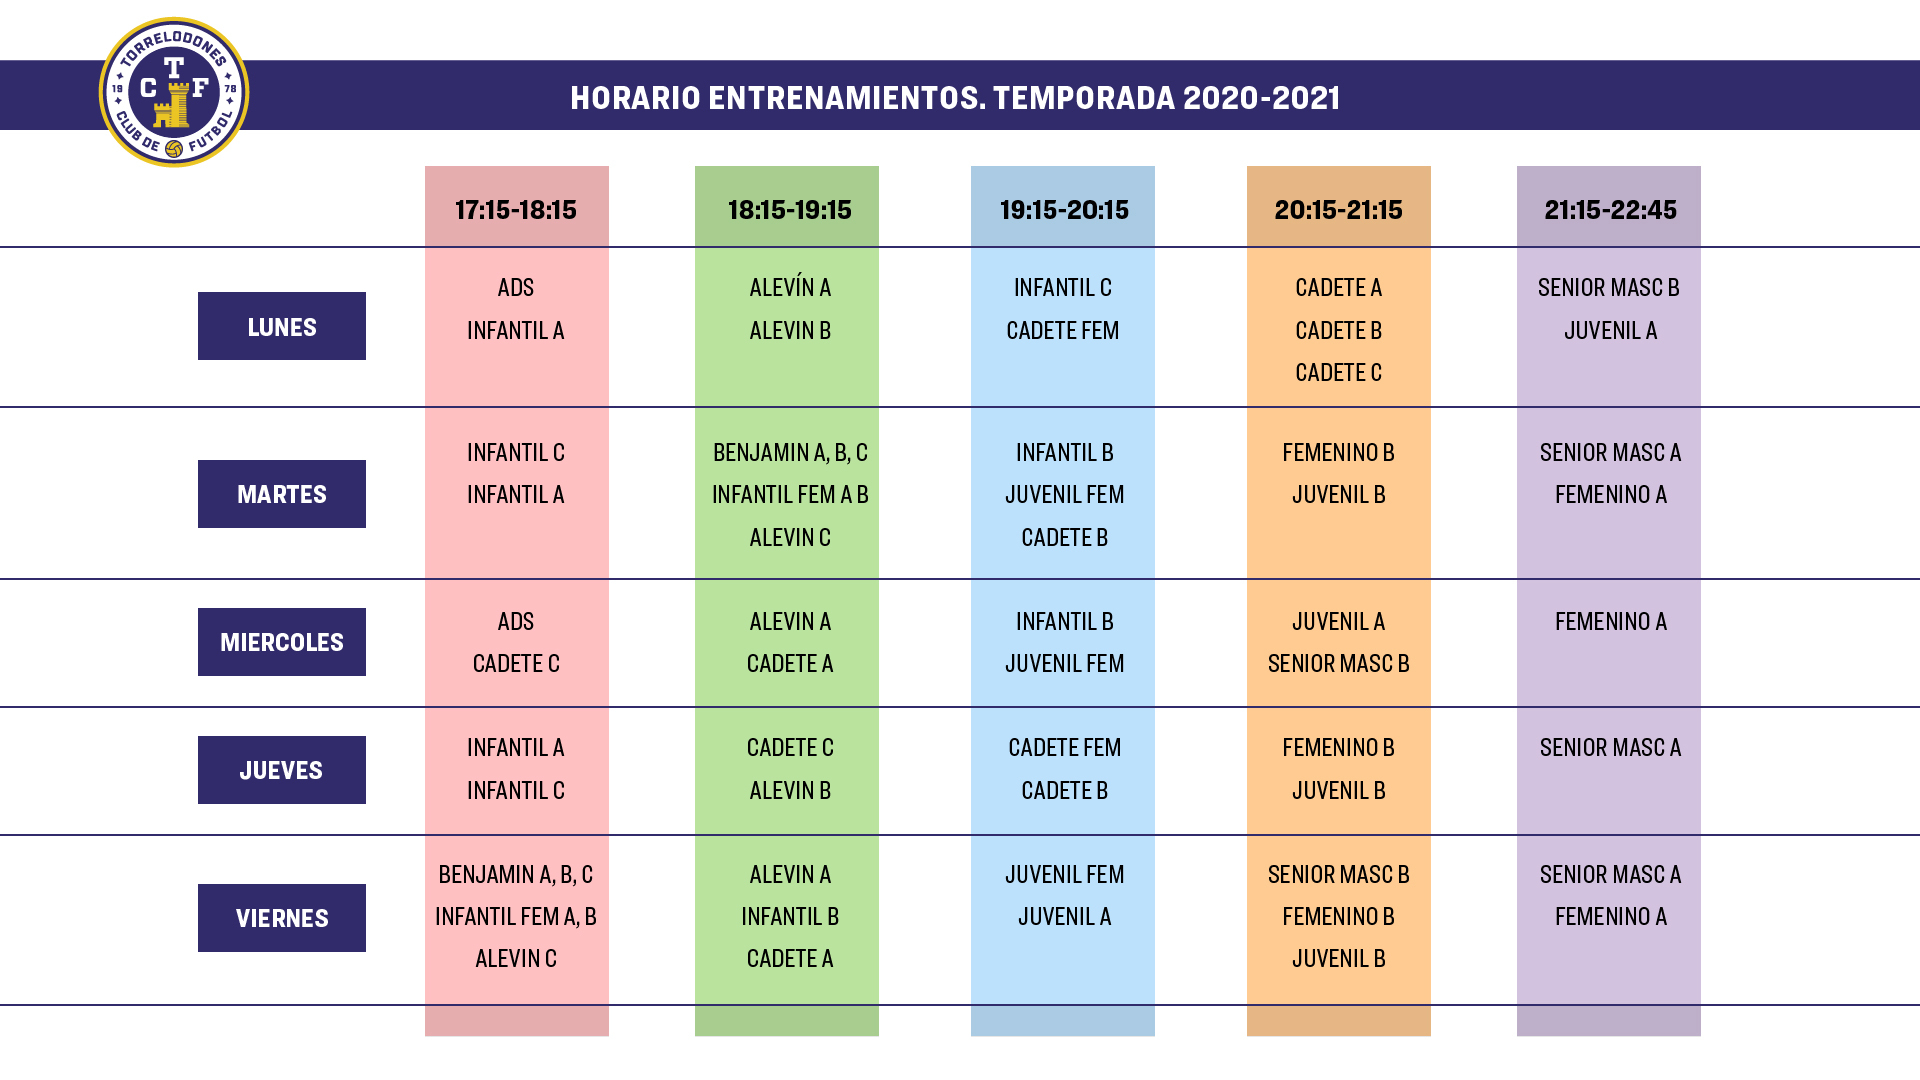 Horarios Entrenamientos Temporada 2020 / 2021